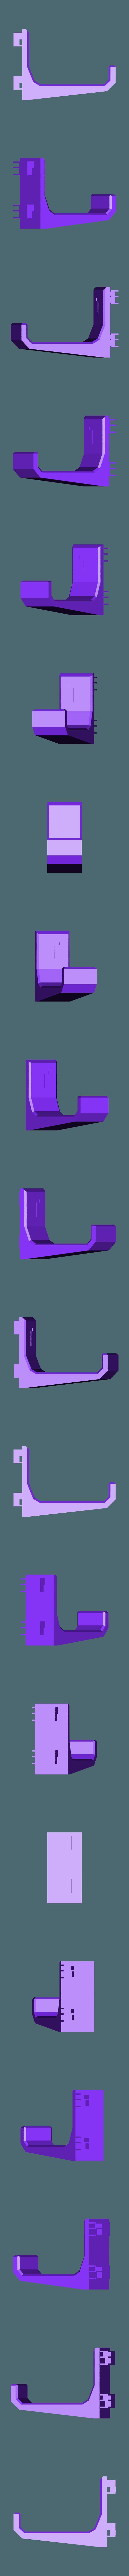 whs_hook3.stl Download free STL file Rack hook • 3D print template, marigu